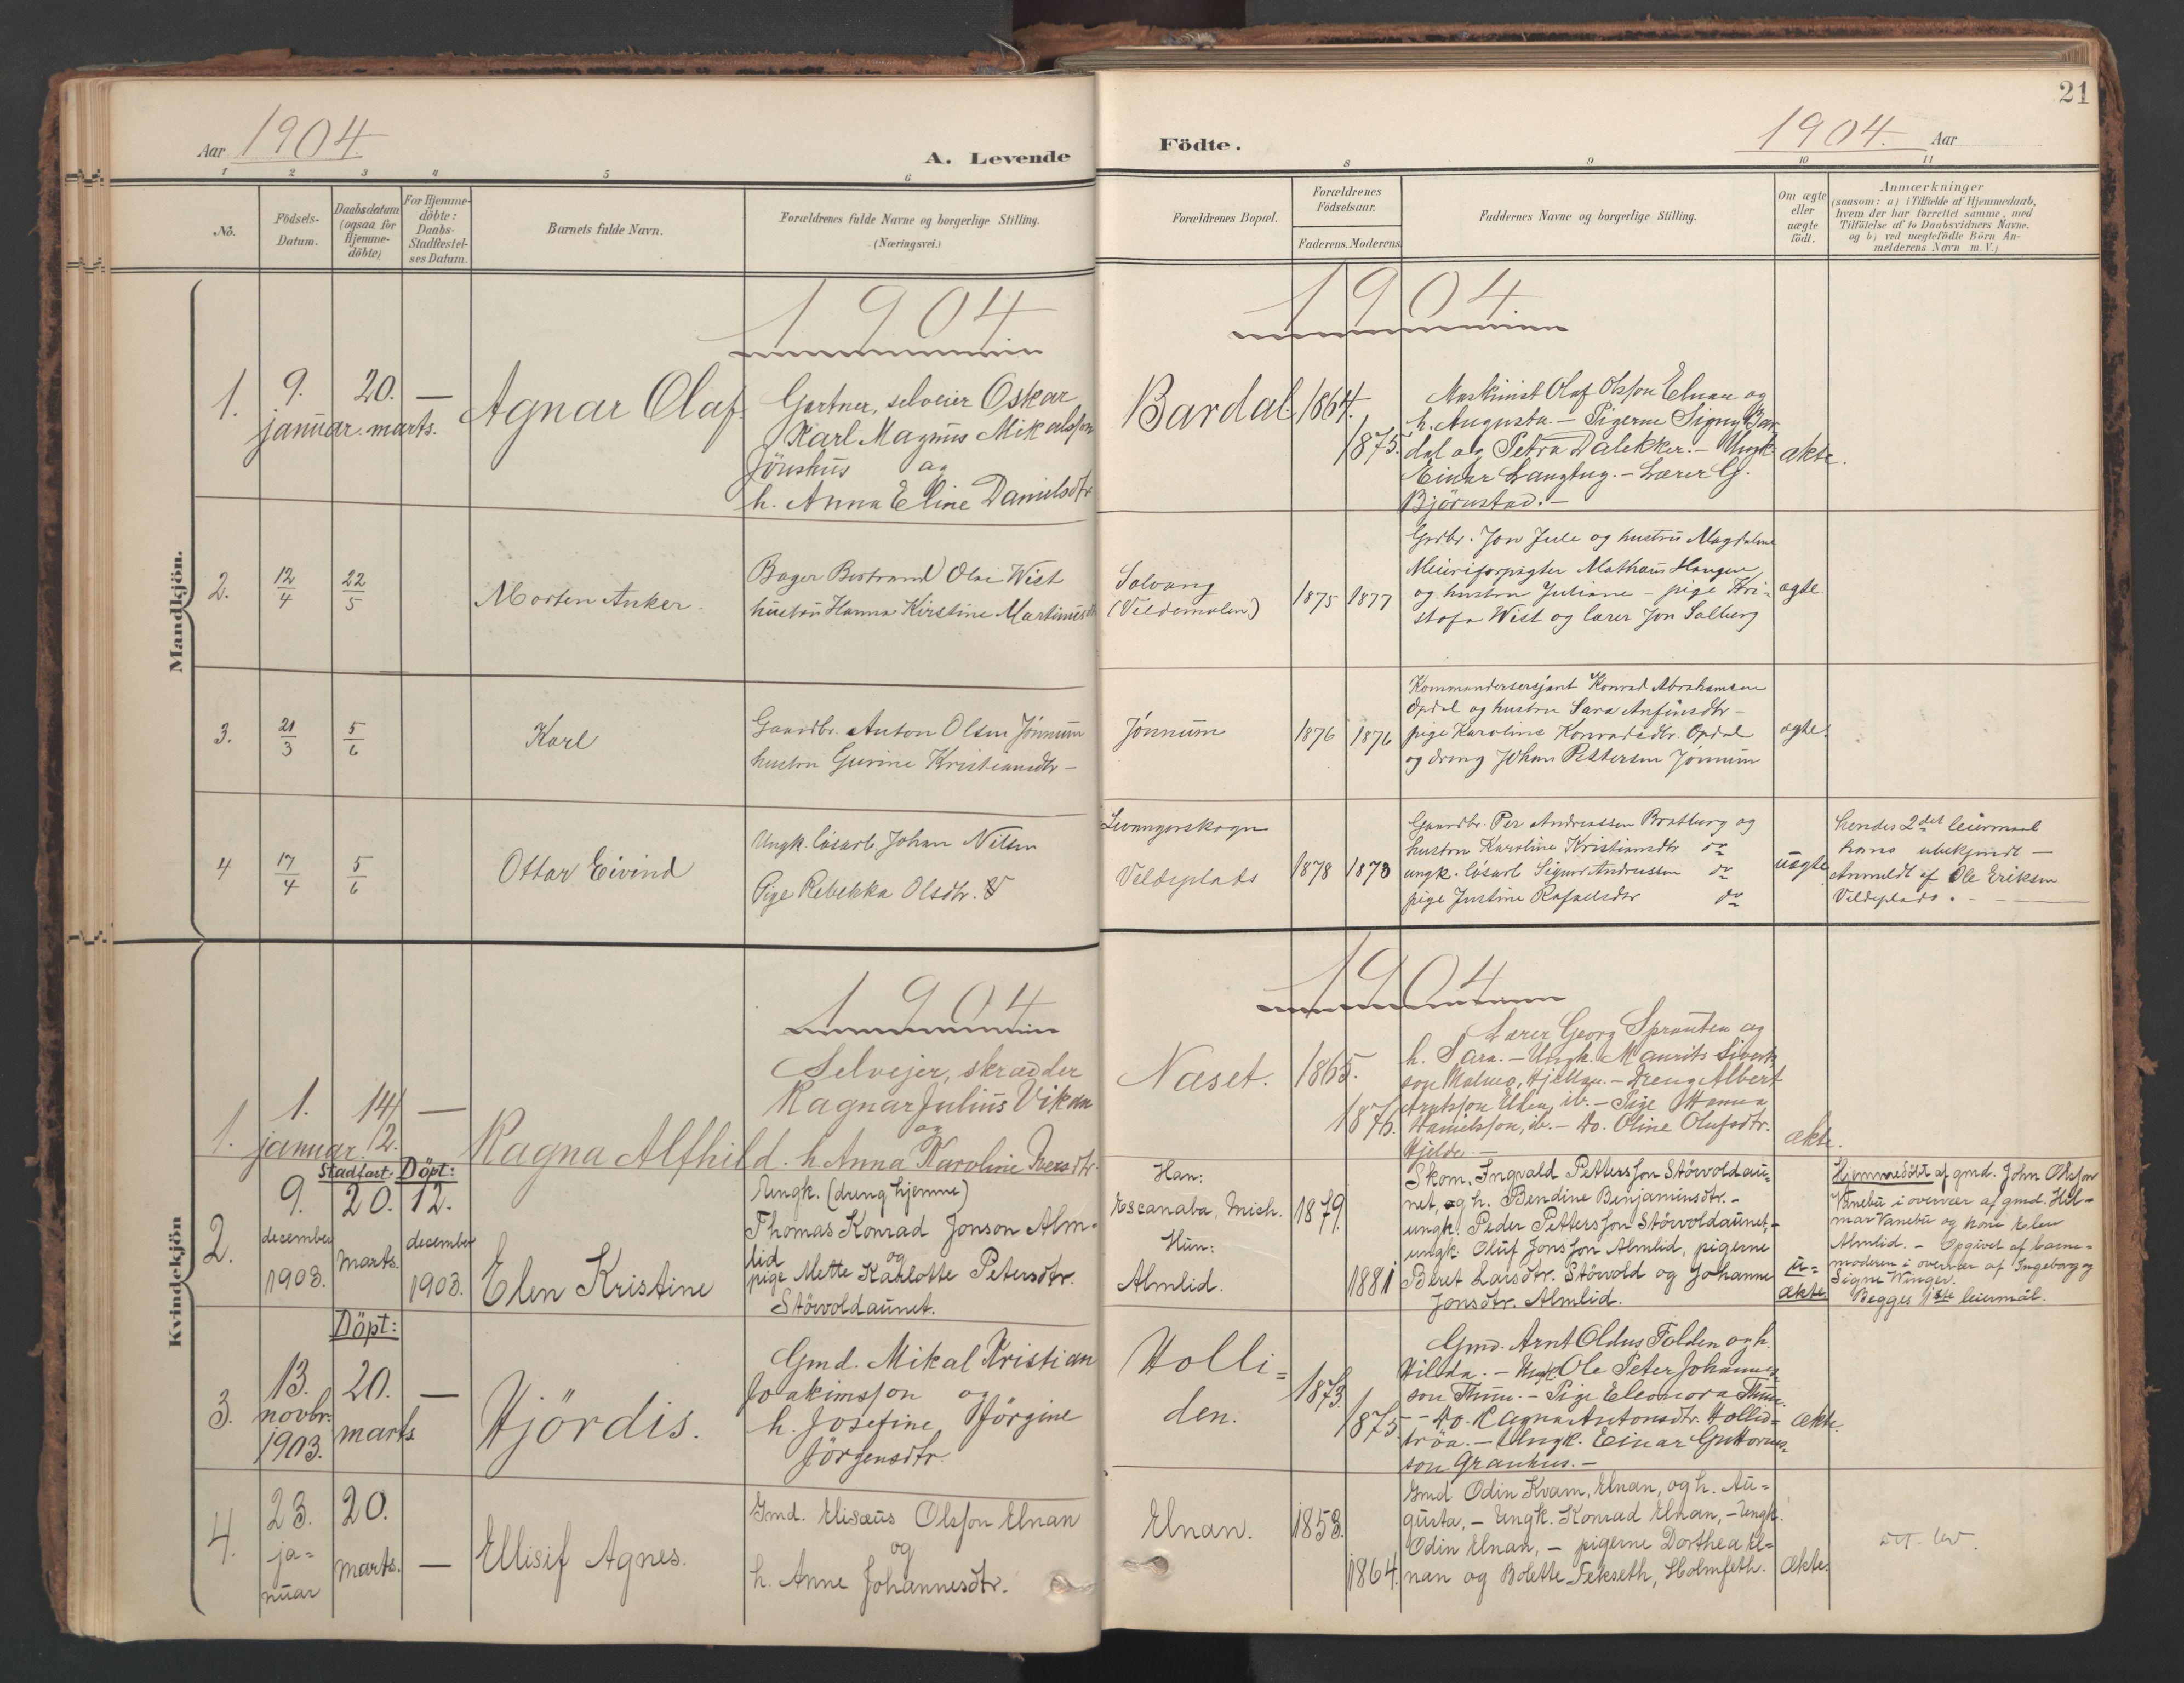 SAT, Ministerialprotokoller, klokkerbøker og fødselsregistre - Nord-Trøndelag, 741/L0397: Ministerialbok nr. 741A11, 1901-1911, s. 21